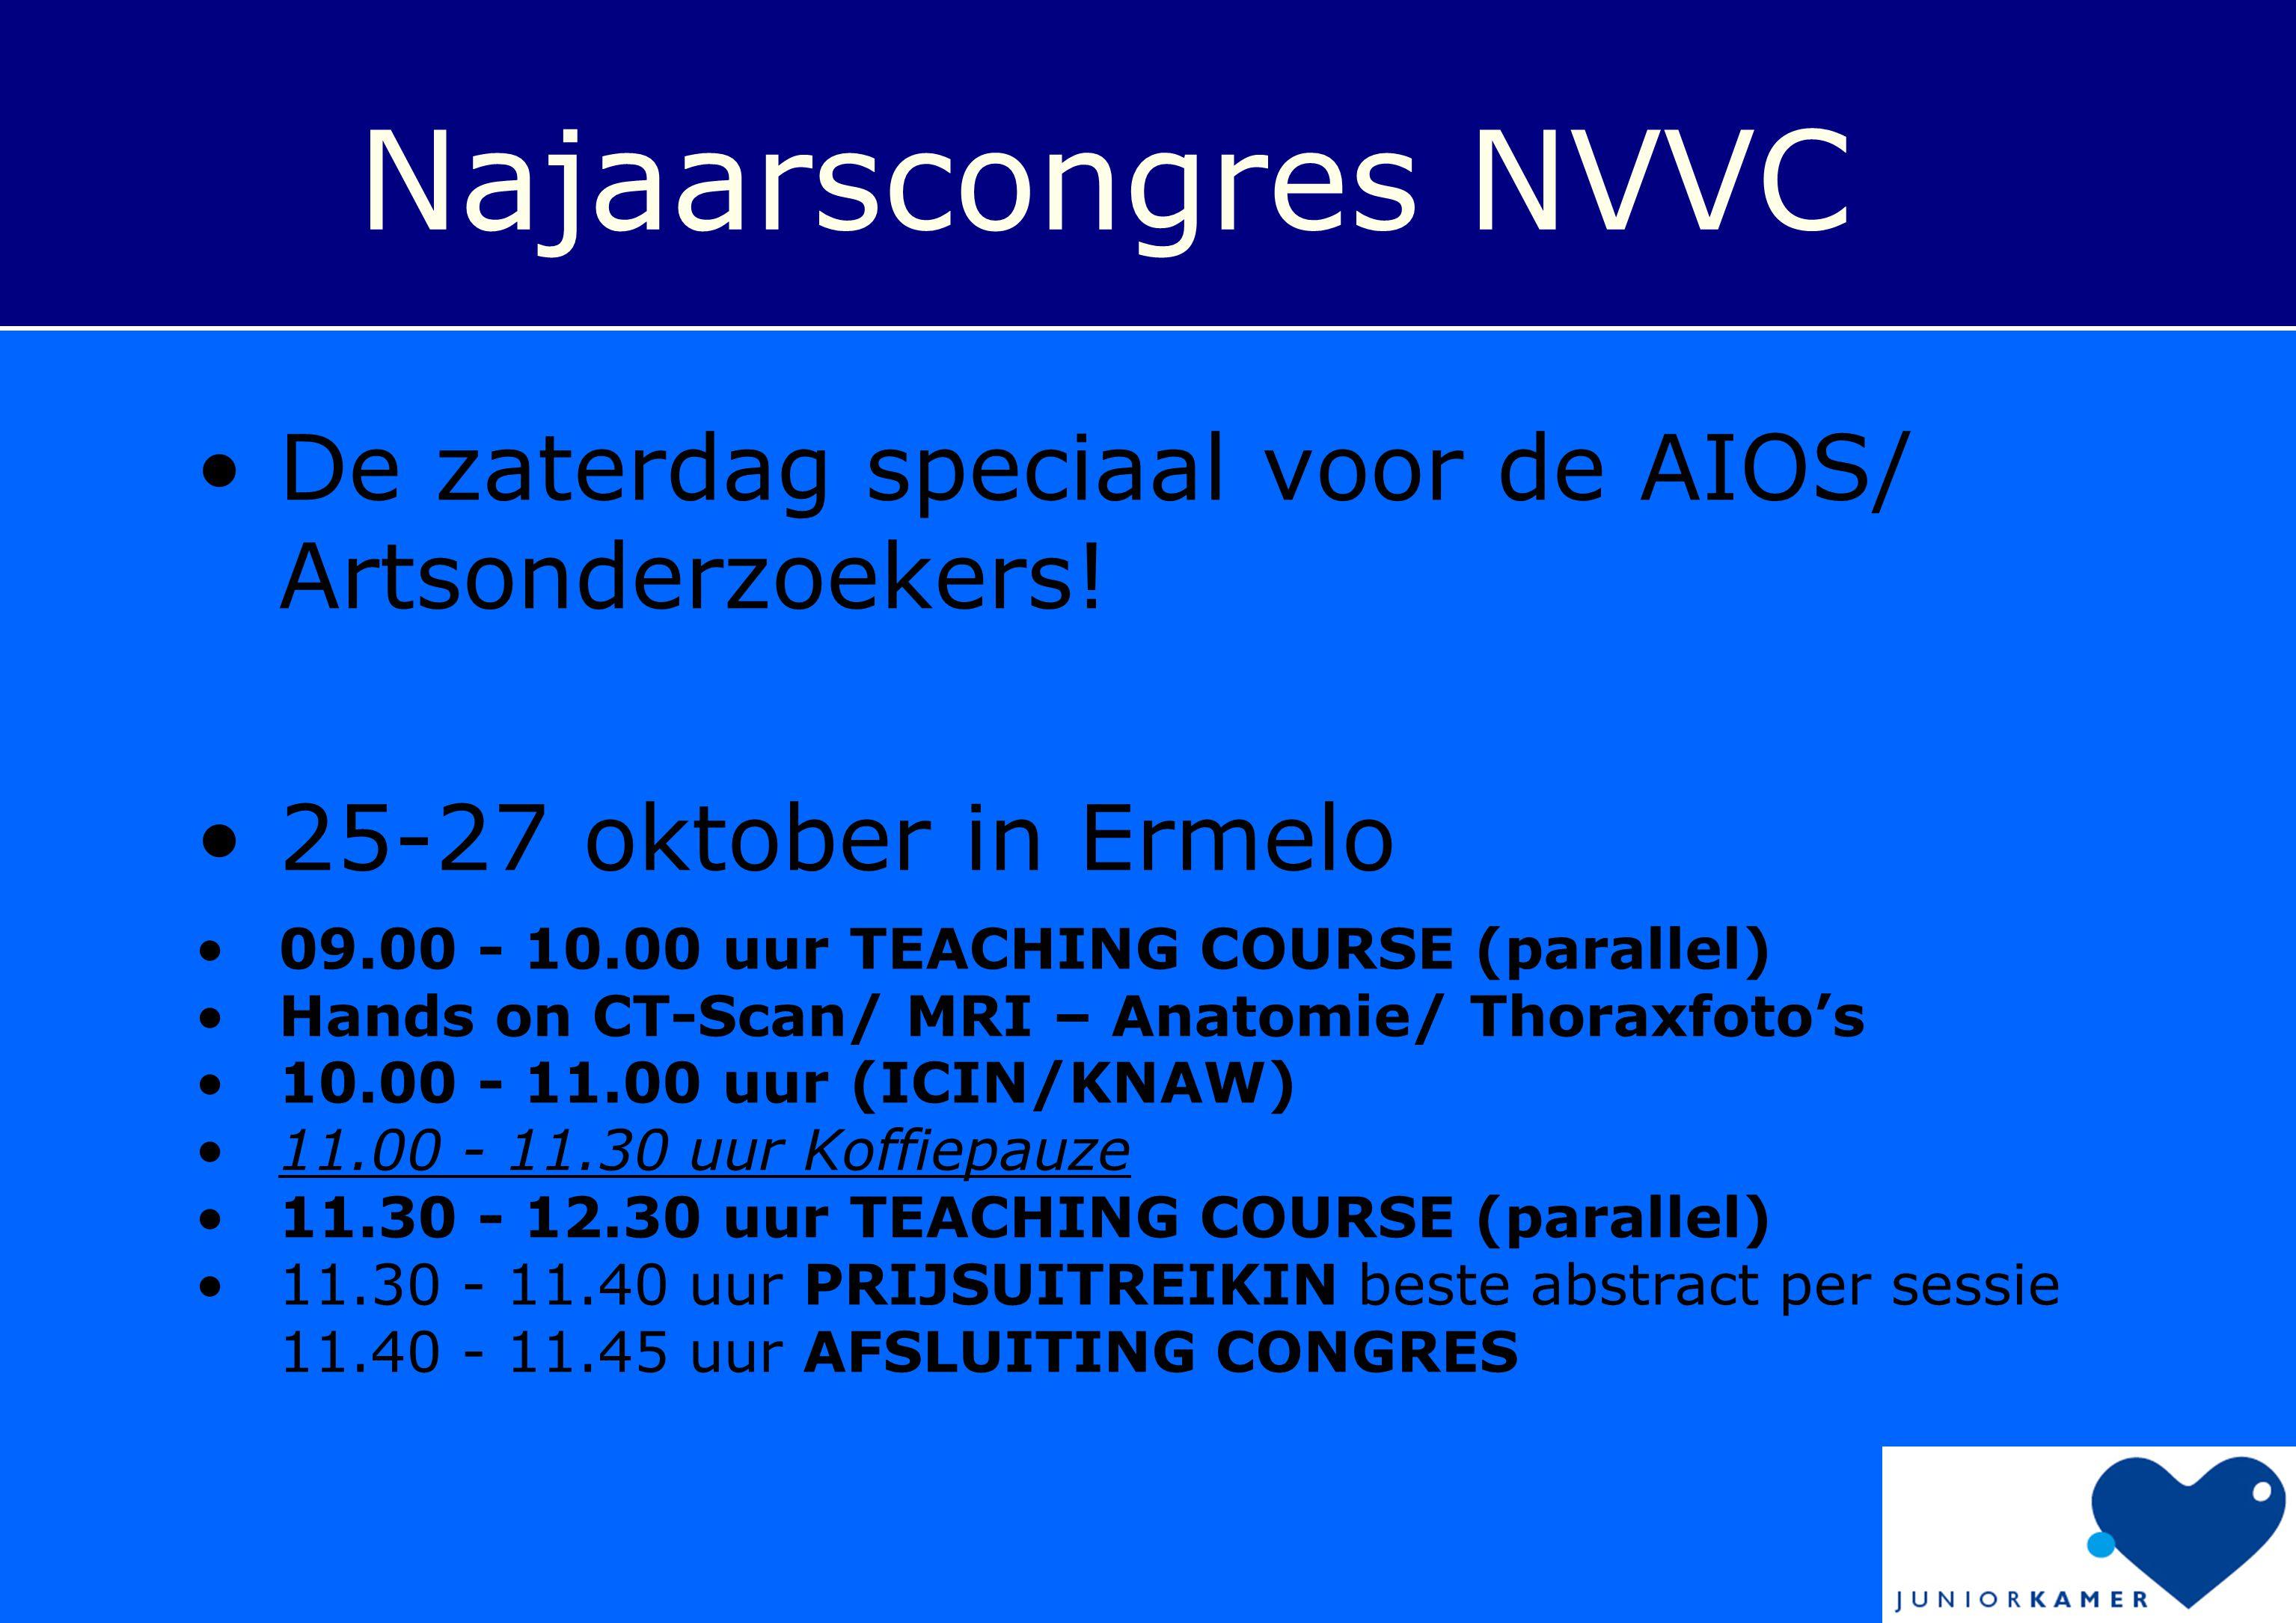 Najaarscongres NVVC De zaterdag speciaal voor de AIOS/ Artsonderzoekers! 25-27 oktober in Ermelo. 09.00 - 10.00 uur TEACHING COURSE (parallel)